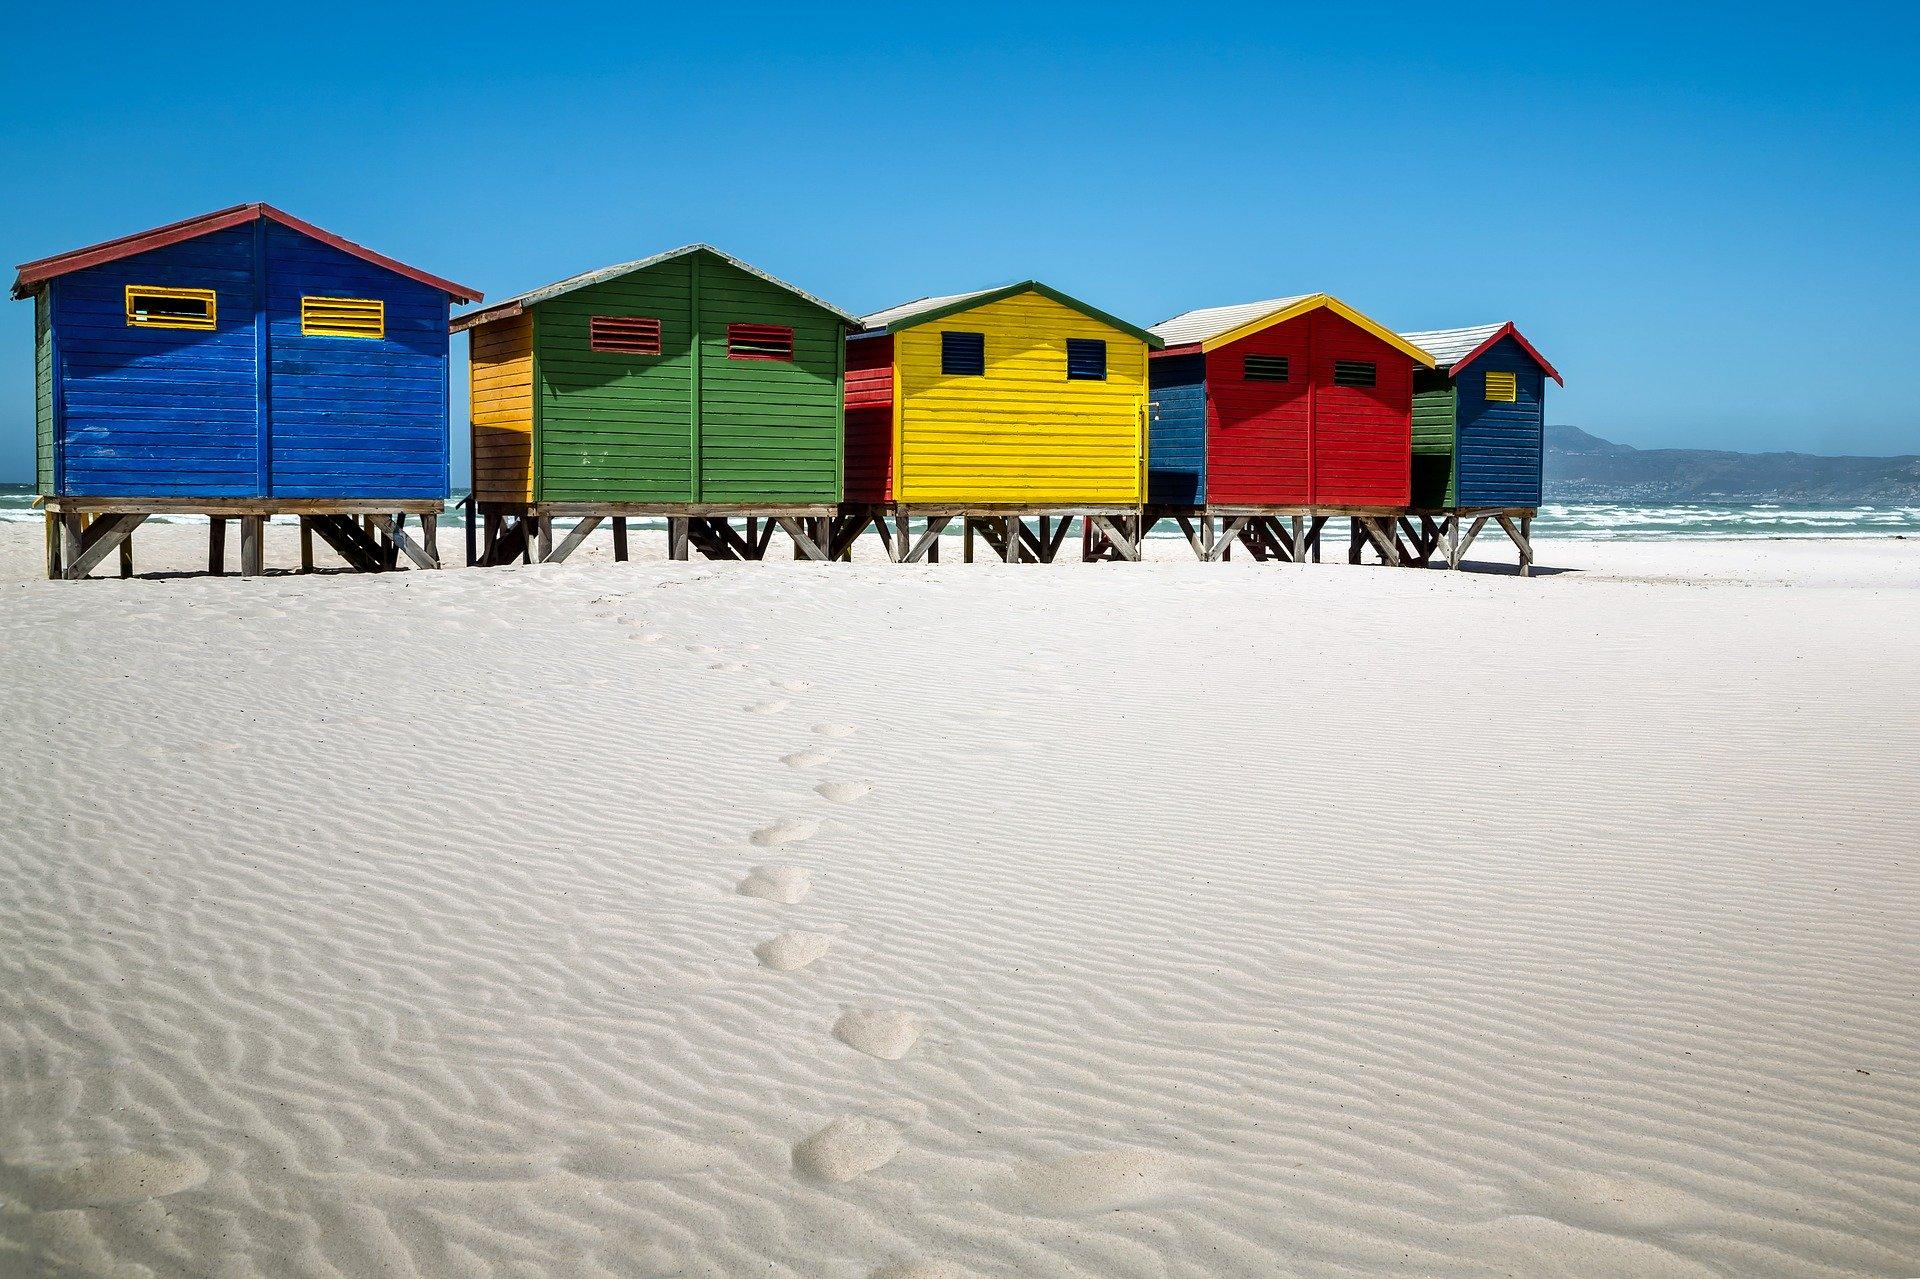 muizenberg_afrique_du_sud_cape_town_le_cap_plage_cabannes_couleurs_voyager_moins_cher